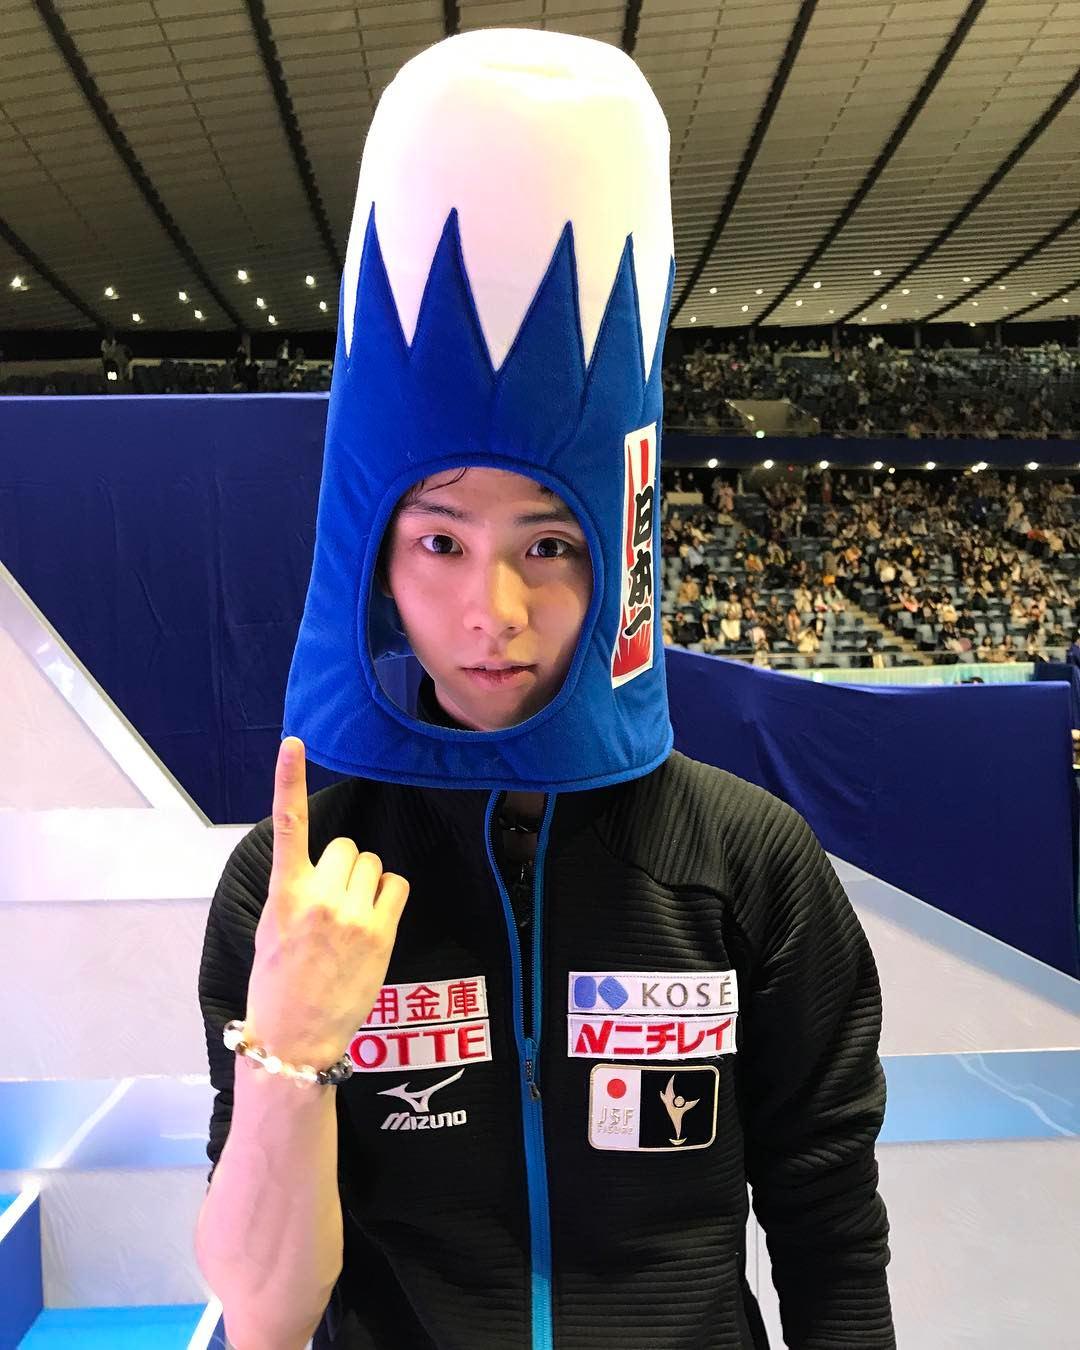 みんな知ってた? 富士山羽生がアップされた時、富士山専門のプロカメラマンがいいねしてたのw